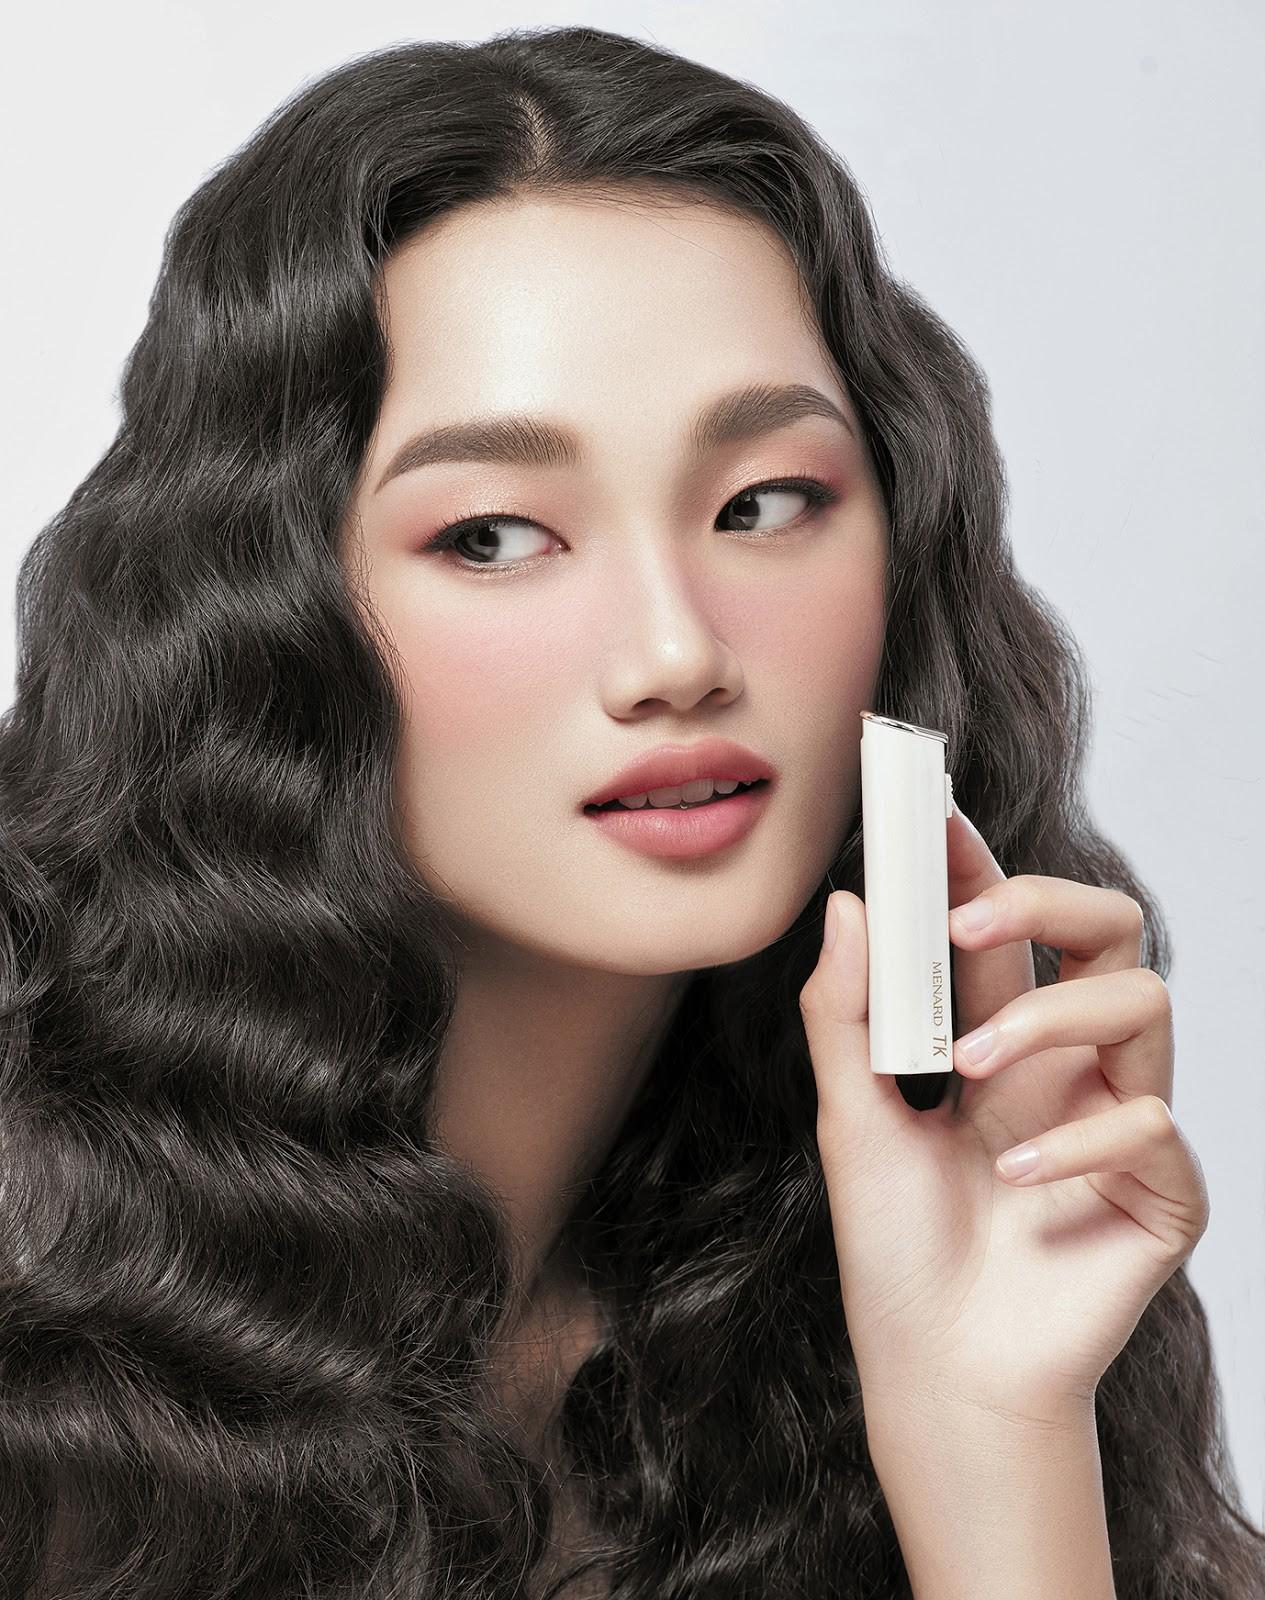 Vì sao phong cách trang điểm xứ phù tang ngày càng được lòng phái đẹp Việt? - Ảnh 4.